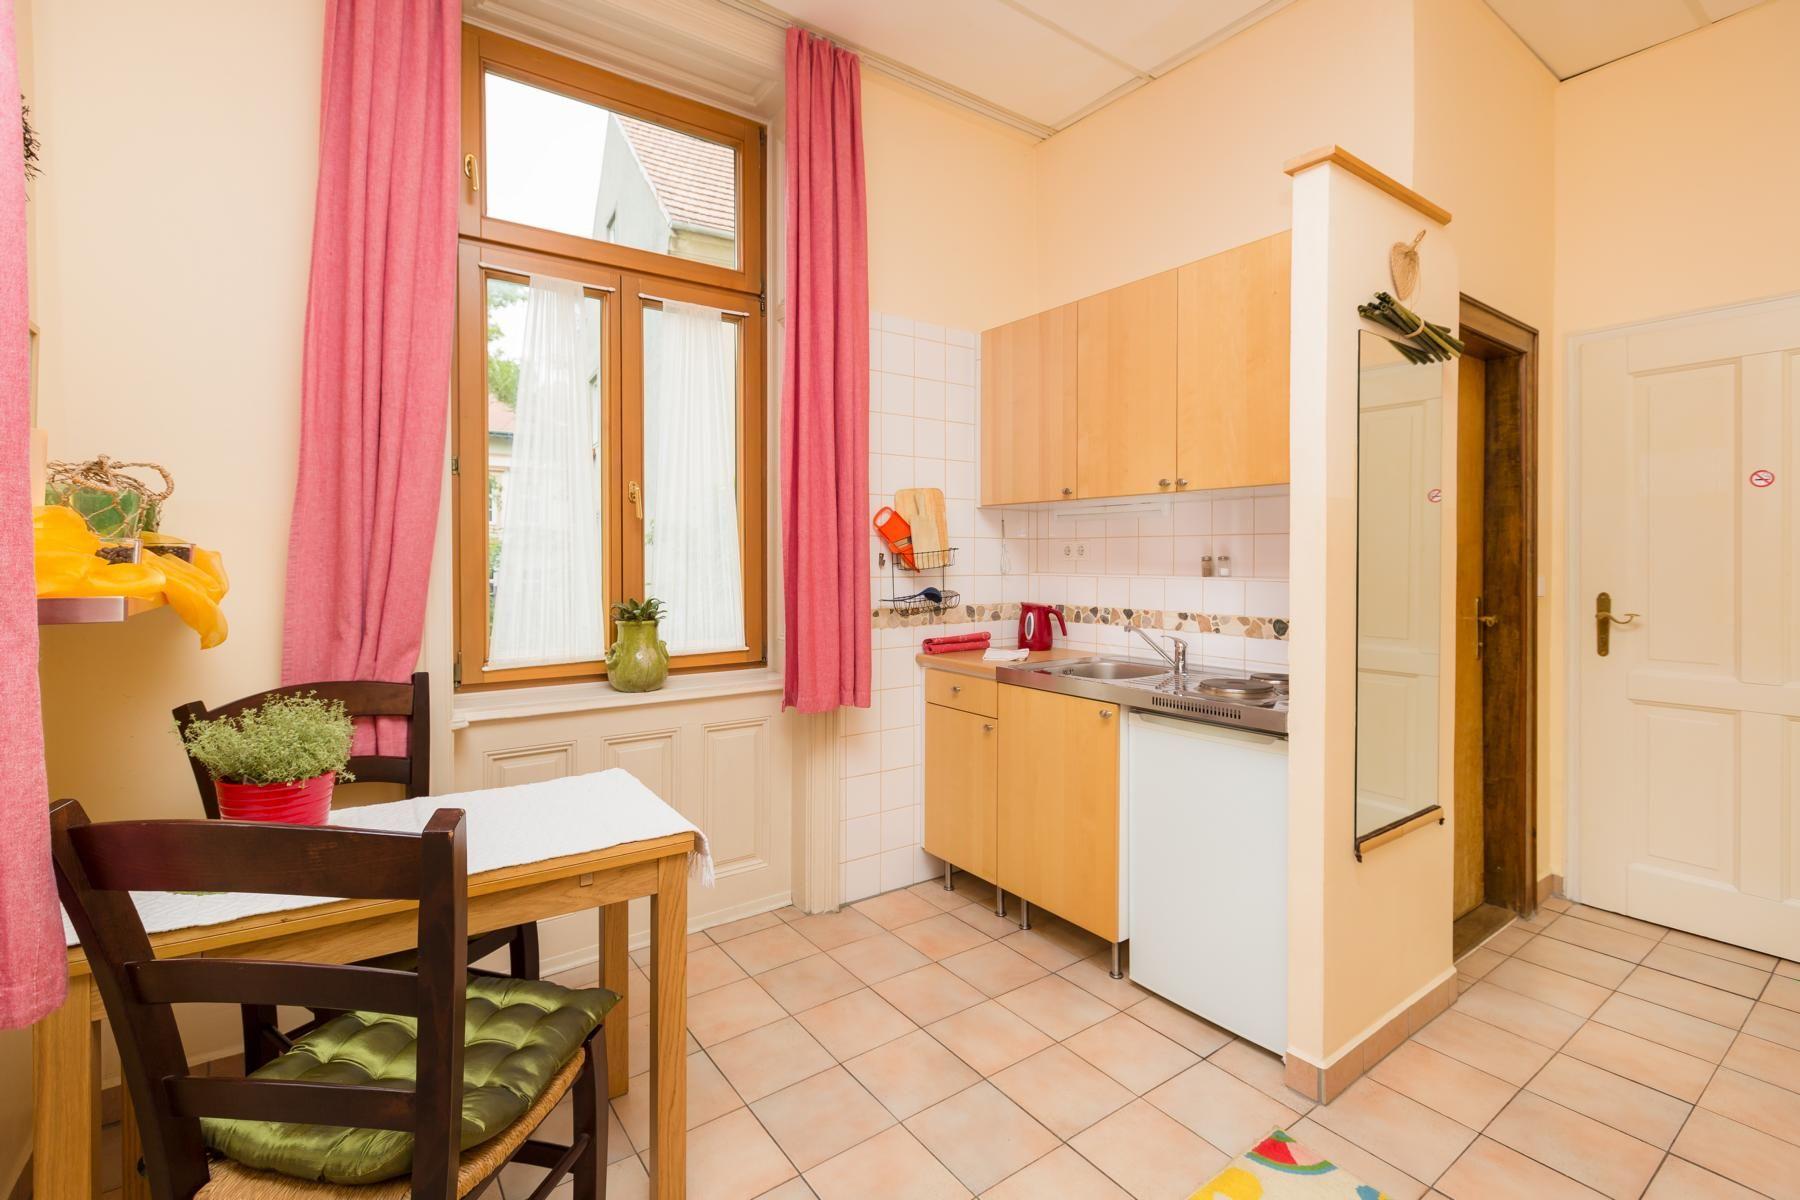 Wohnung mieten oder vermieten Bad Vslau - willhaben